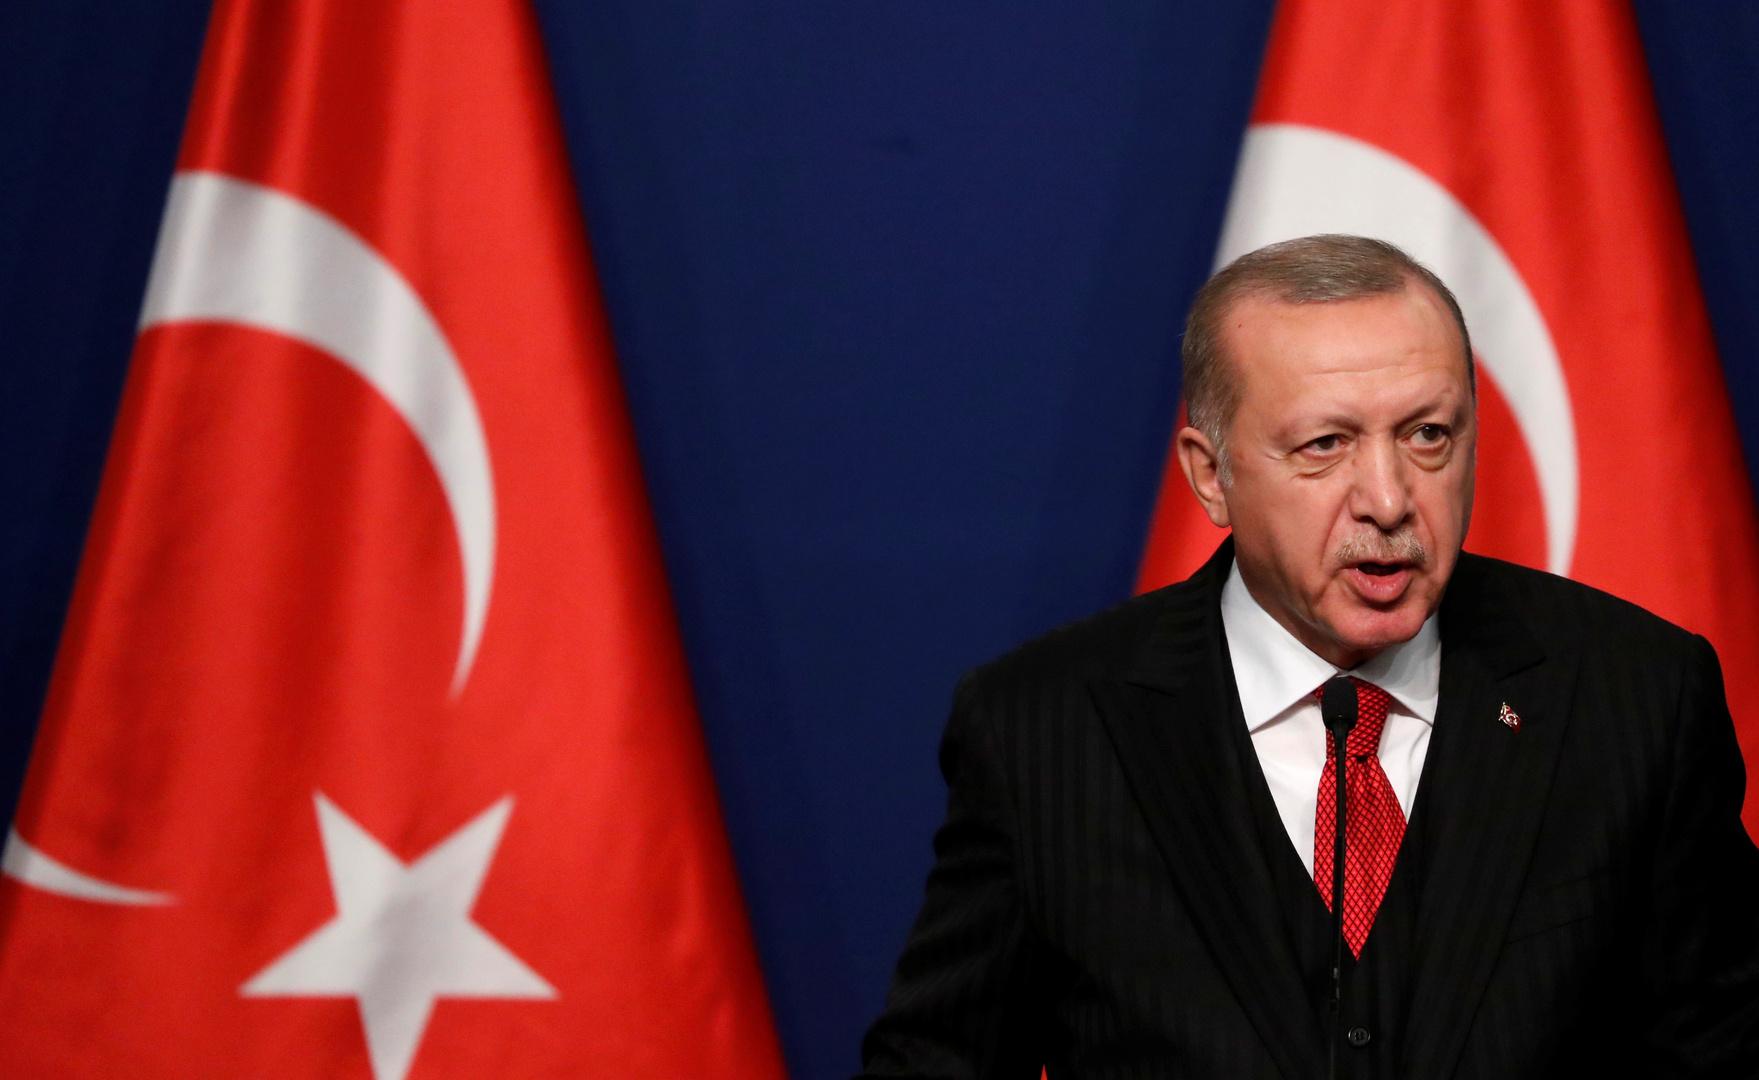 أردوغان: نتباحث مع روسيا والصين بخصوص استيراد لقاحات ضد كورونا